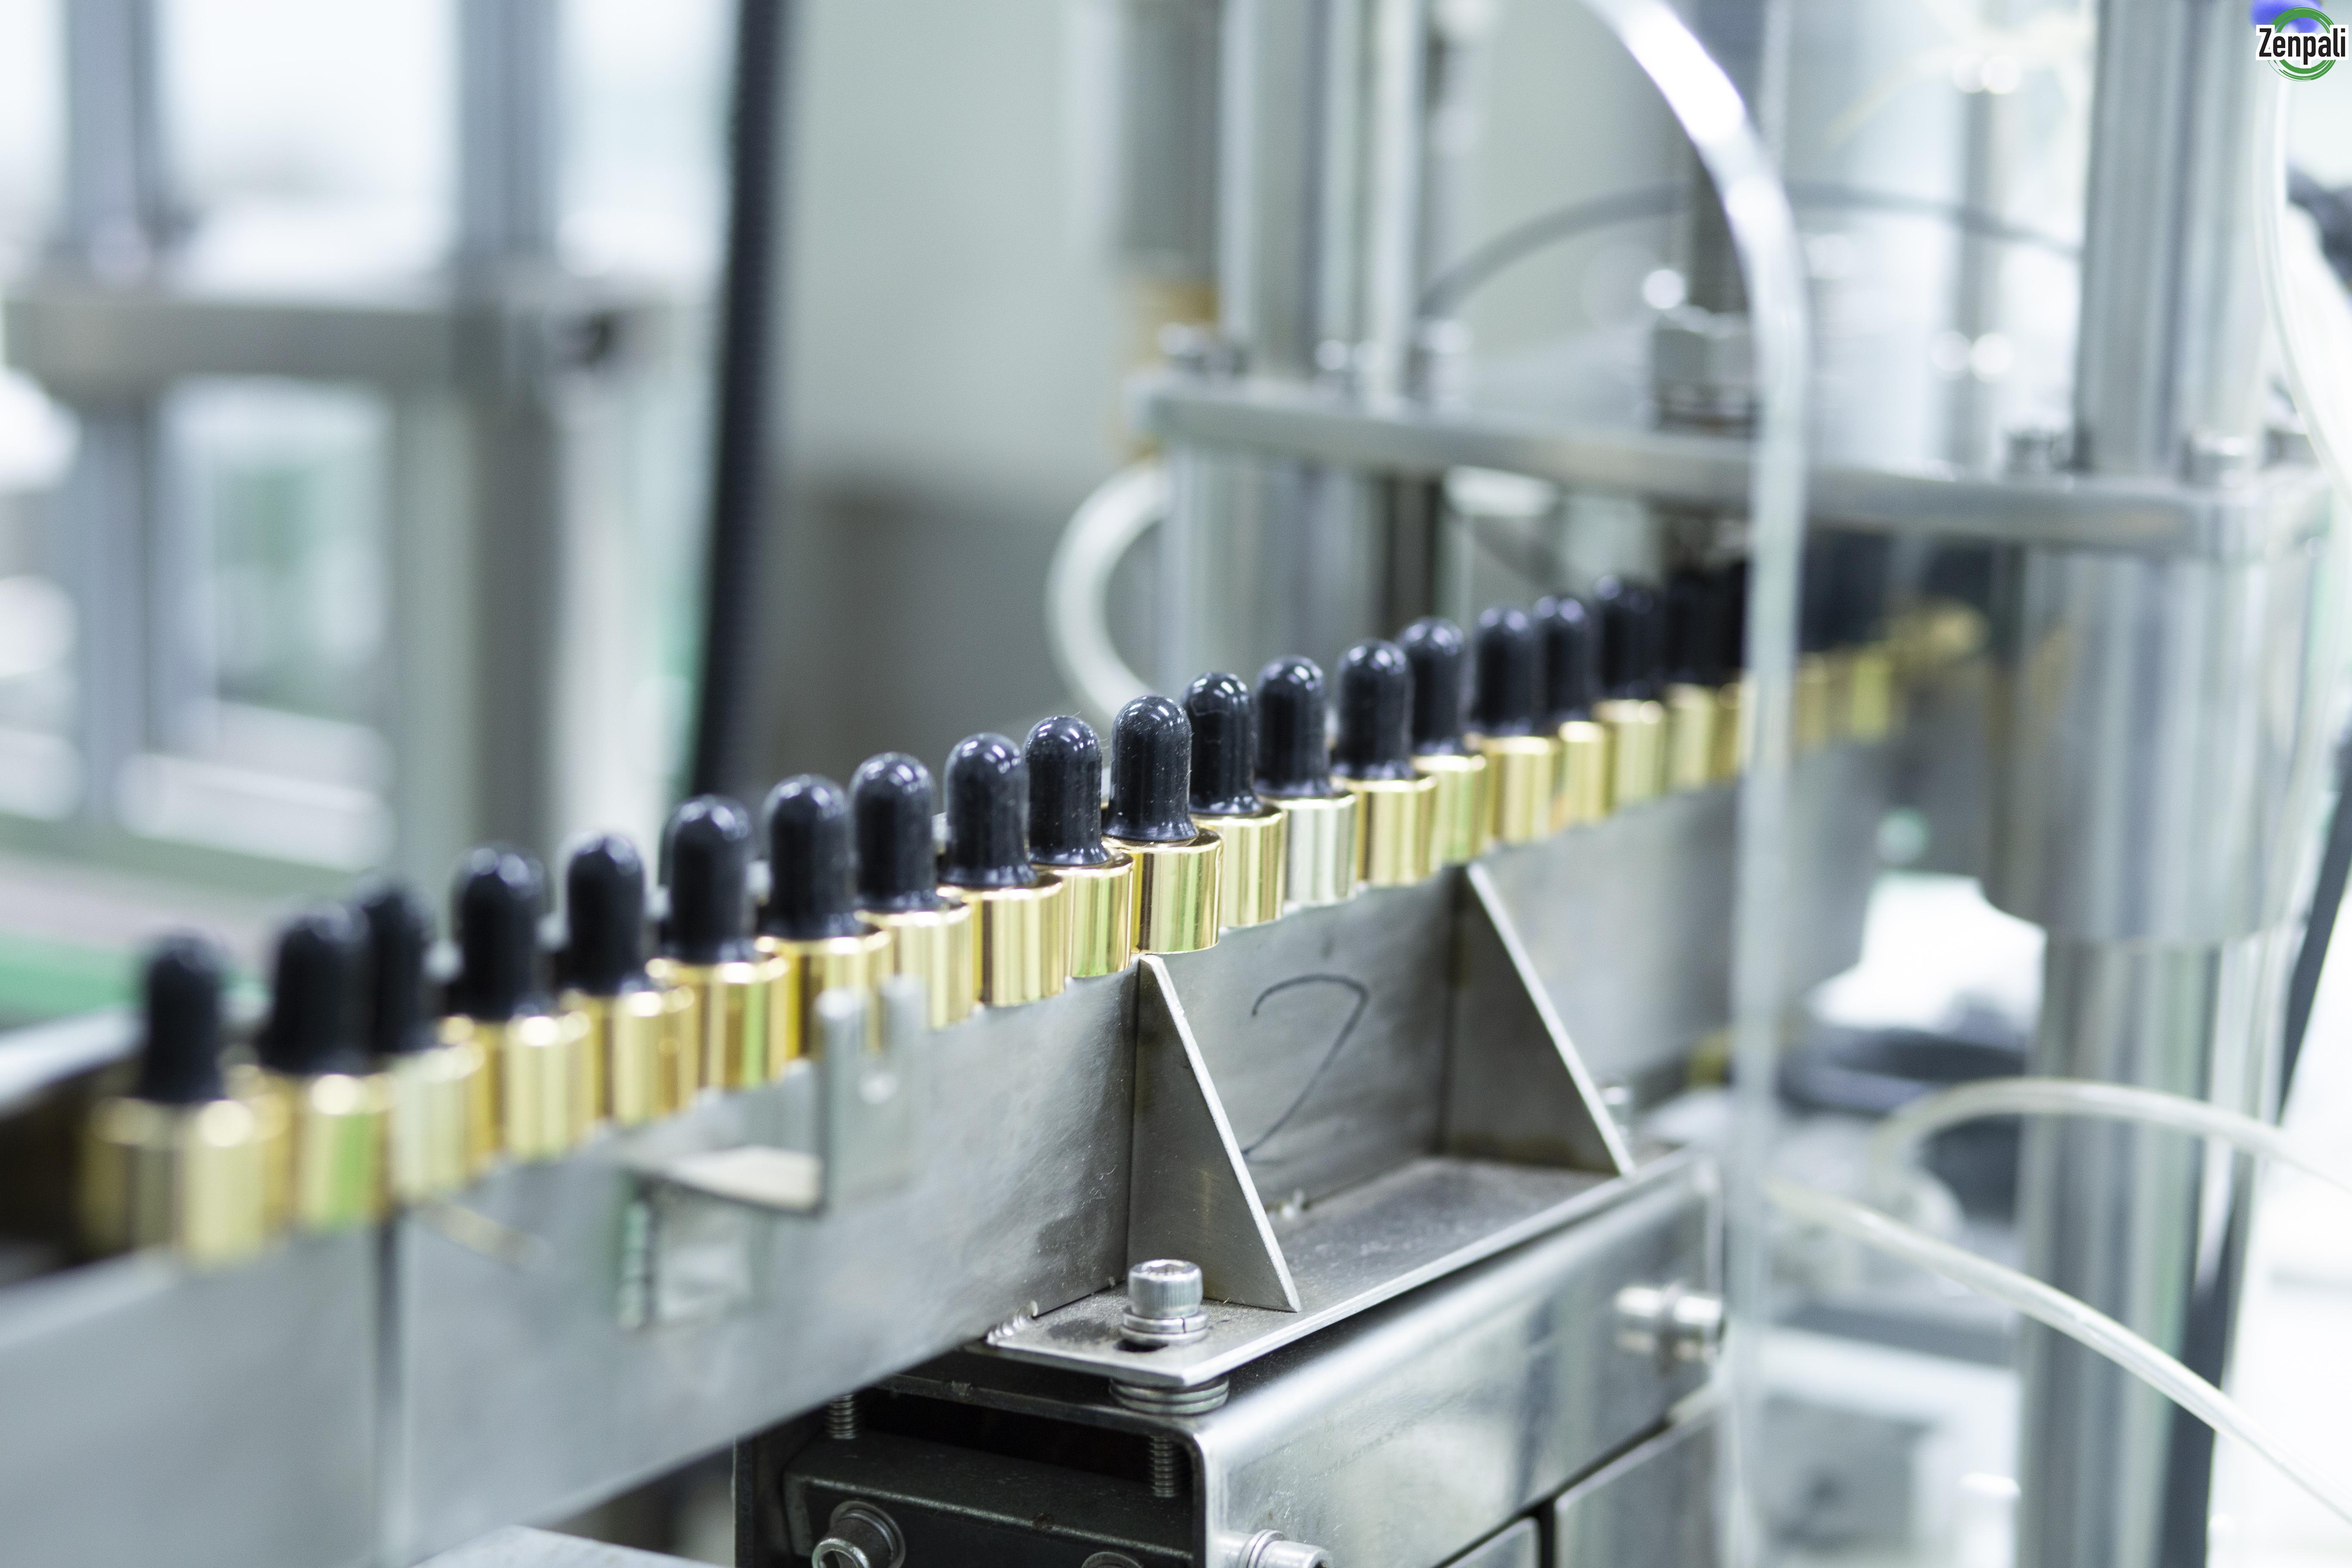 Các trang thiết bị máy móc sản xuất tại Zenpali Group đều đạt GMP.